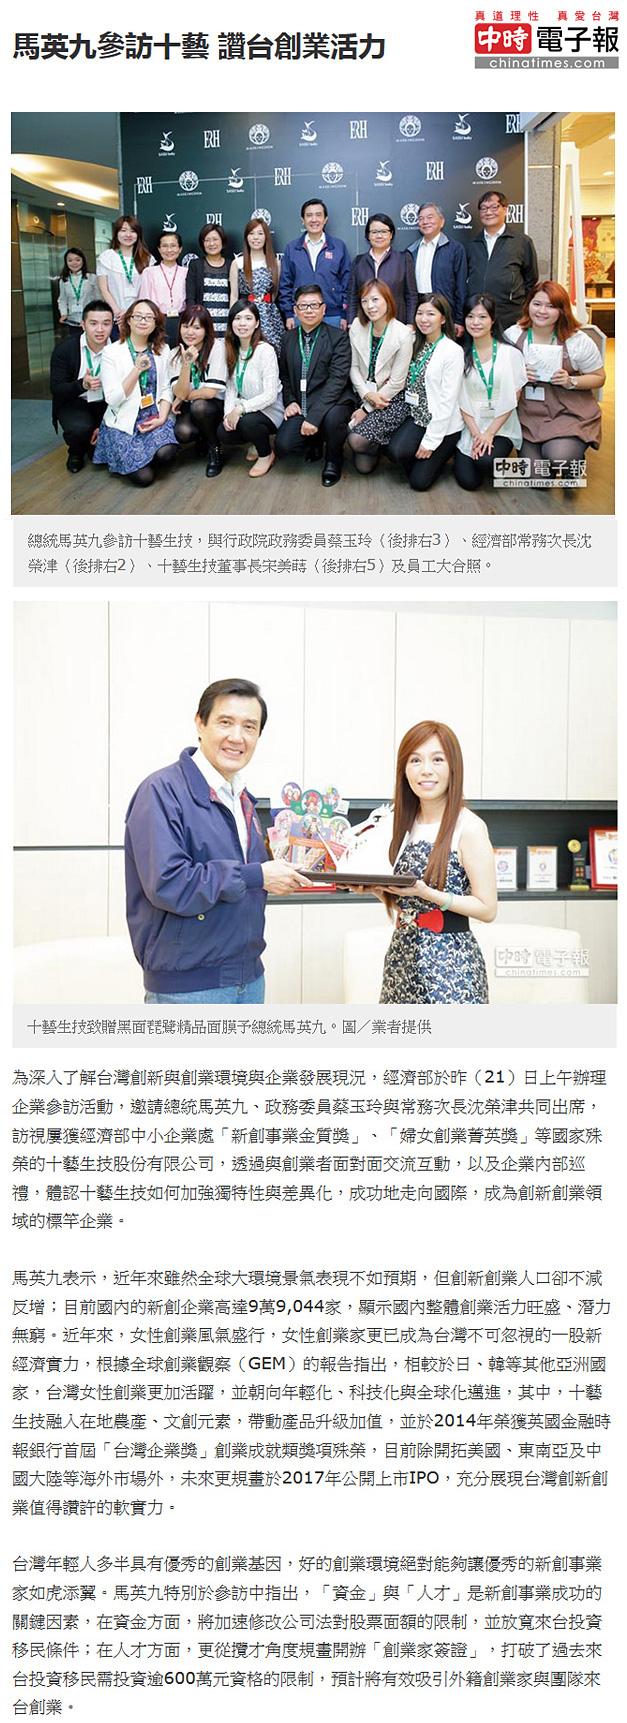 中時電子報-馬英九參訪十藝 讚台創業活力